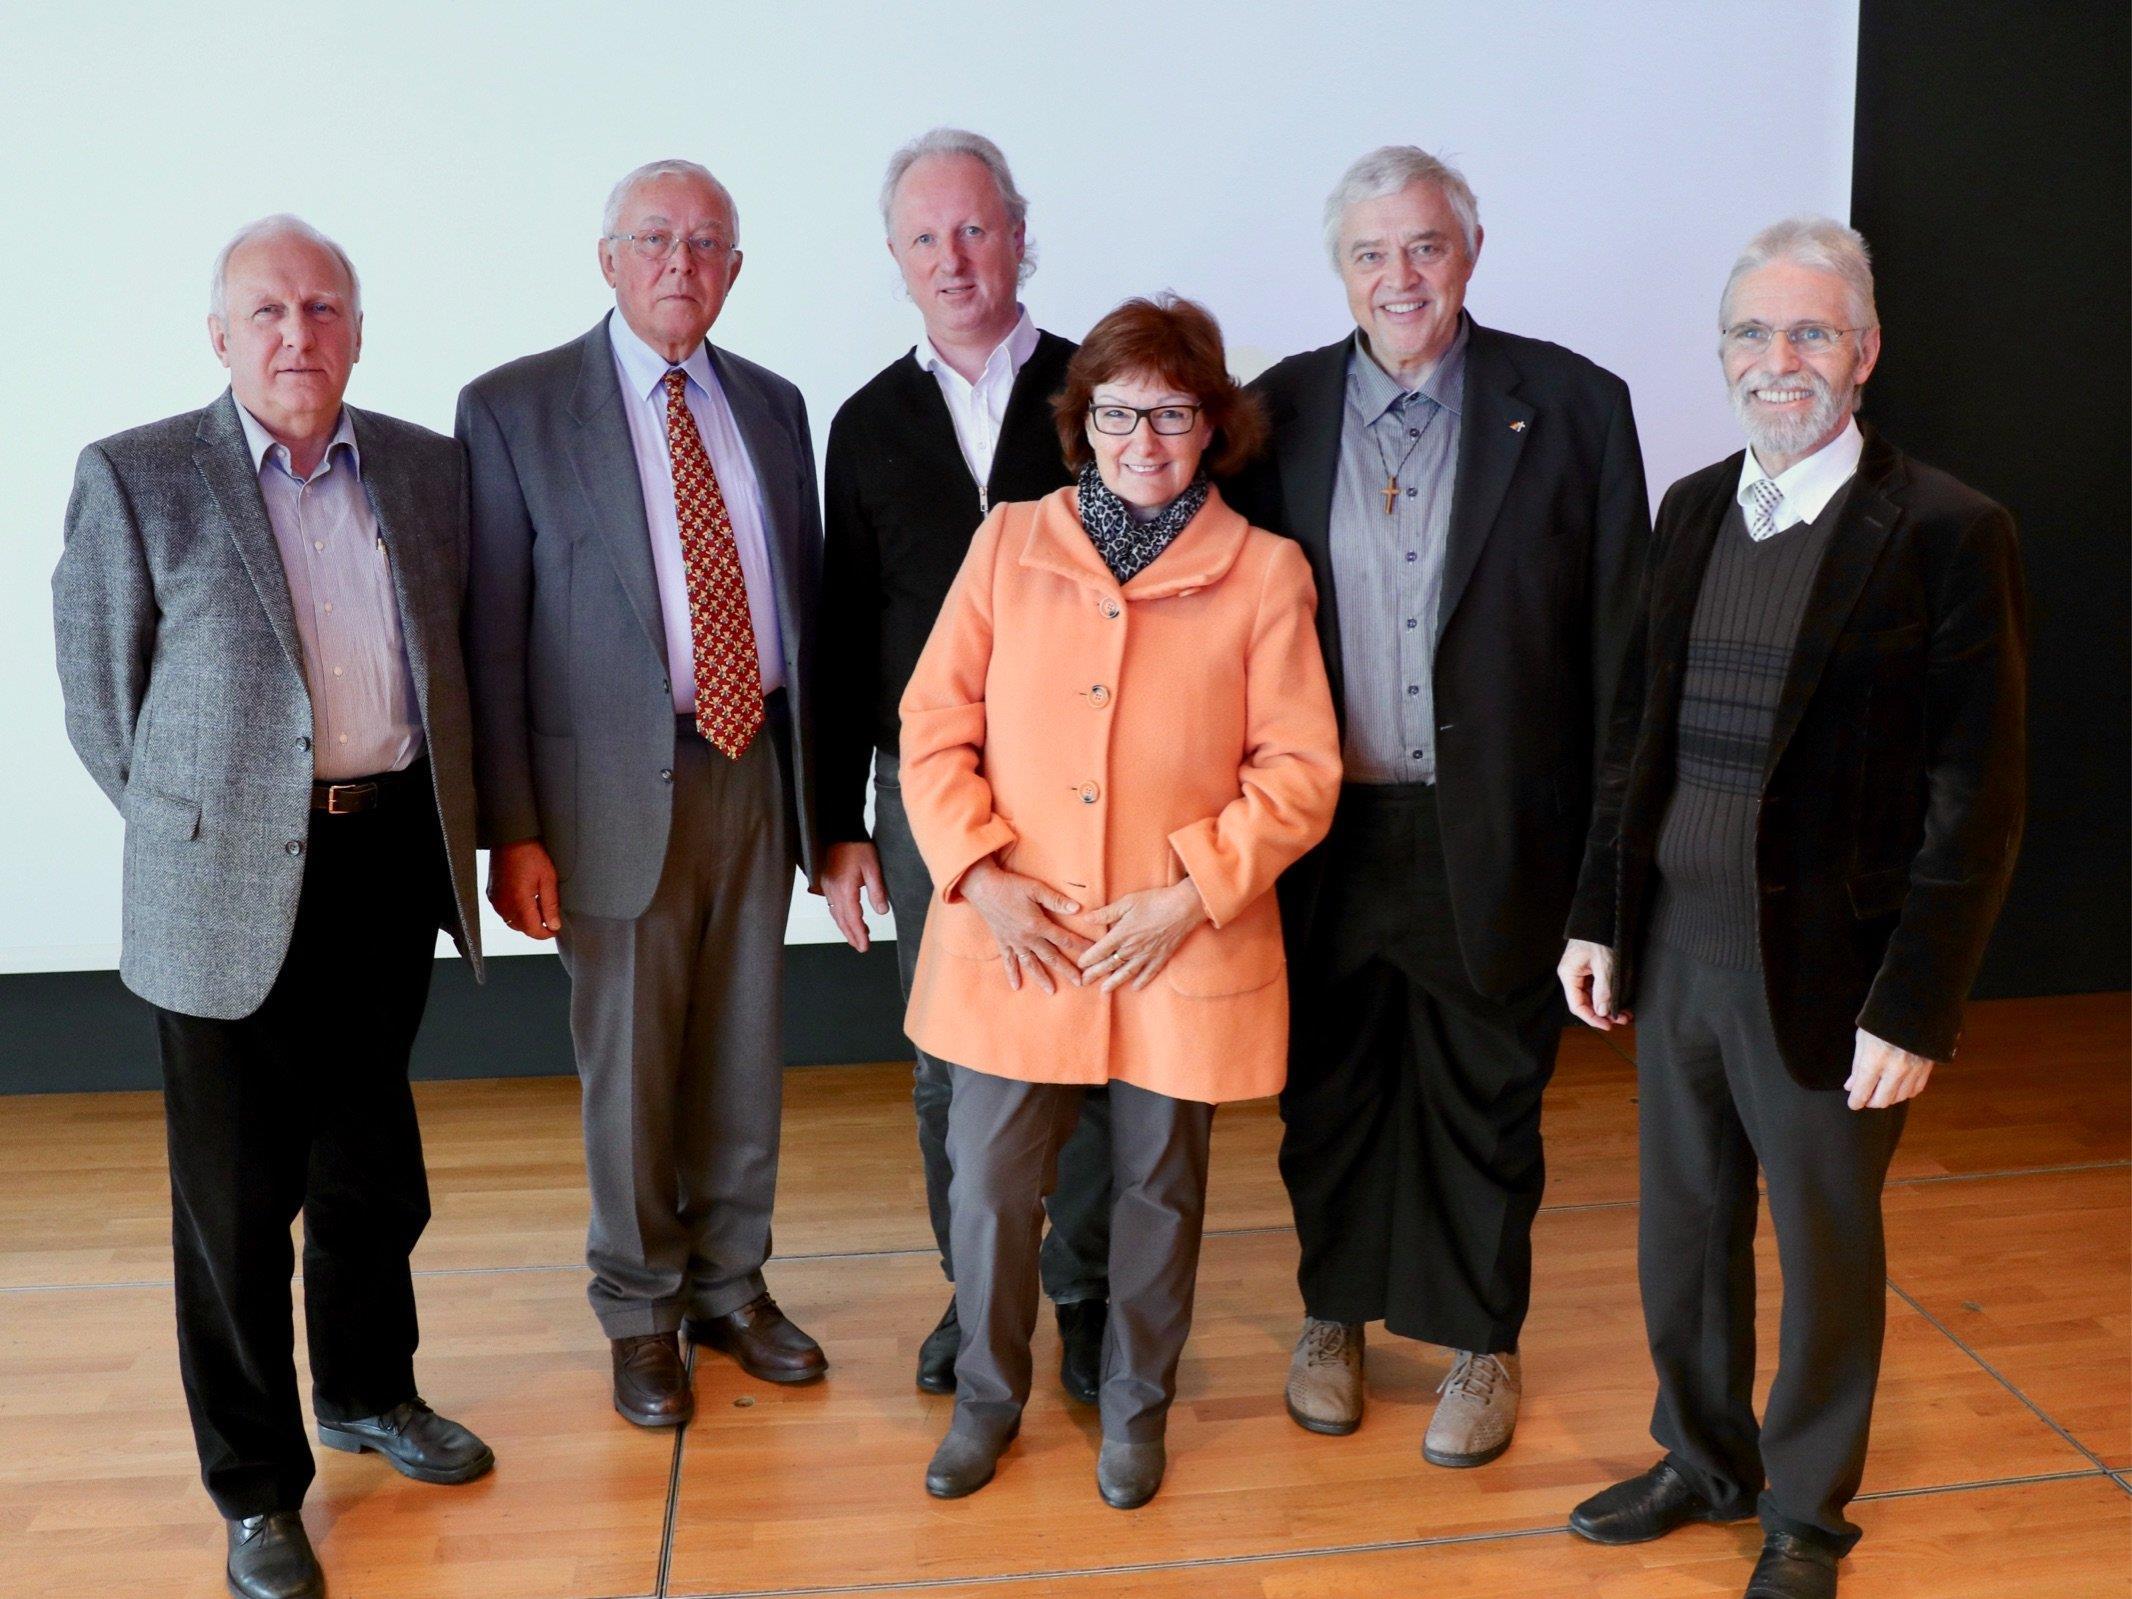 Das Orgelteam hofft auf einen baldigen Startschuss: DI Markus Aberer, Dr. Heinz Fritzsche,  Bernhard Loss, Vikar Stefan Biondi, Angelika Egel (PKR), Pfarrer Werner Witwer.